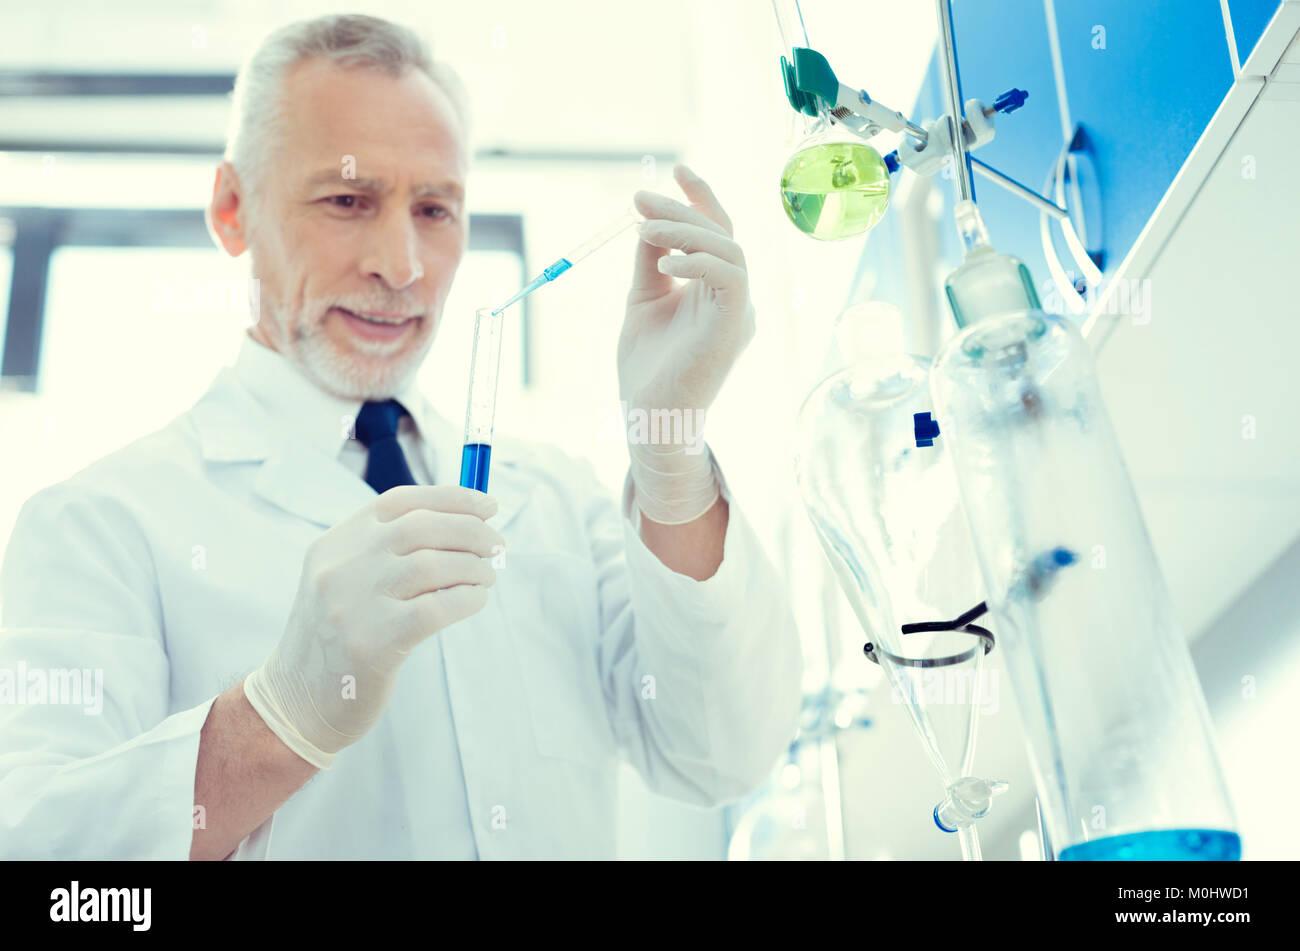 Positiv denkenden Wissenschaftler das Mischen von chemischen Flüssigkeiten im Labor Stockbild